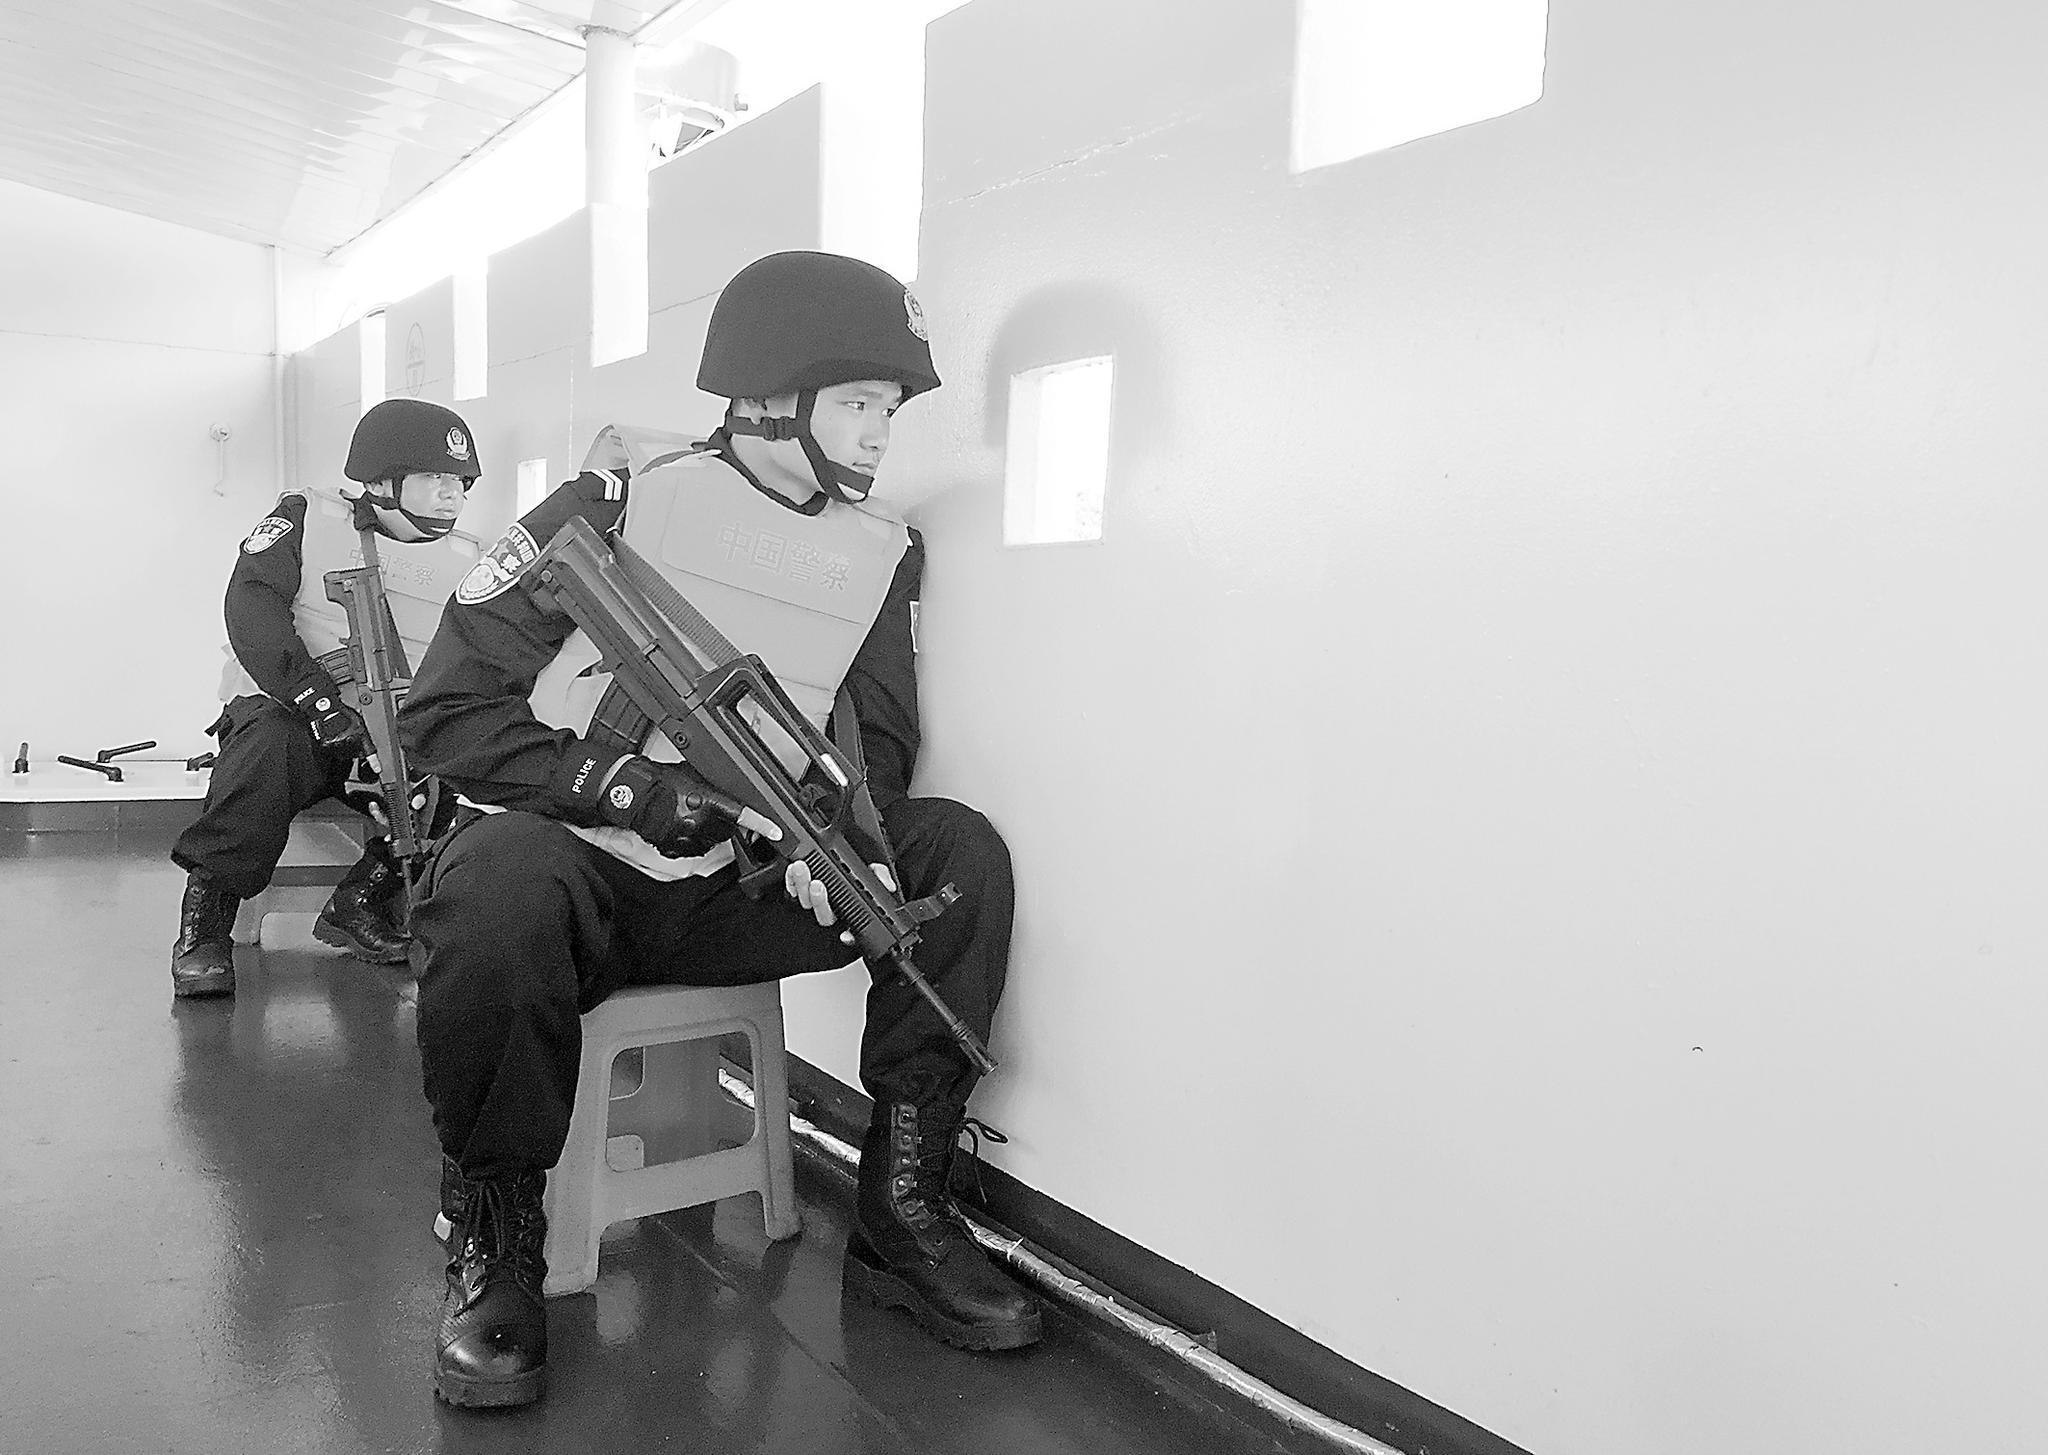 巡逻中进入一级警备的中国边防警察